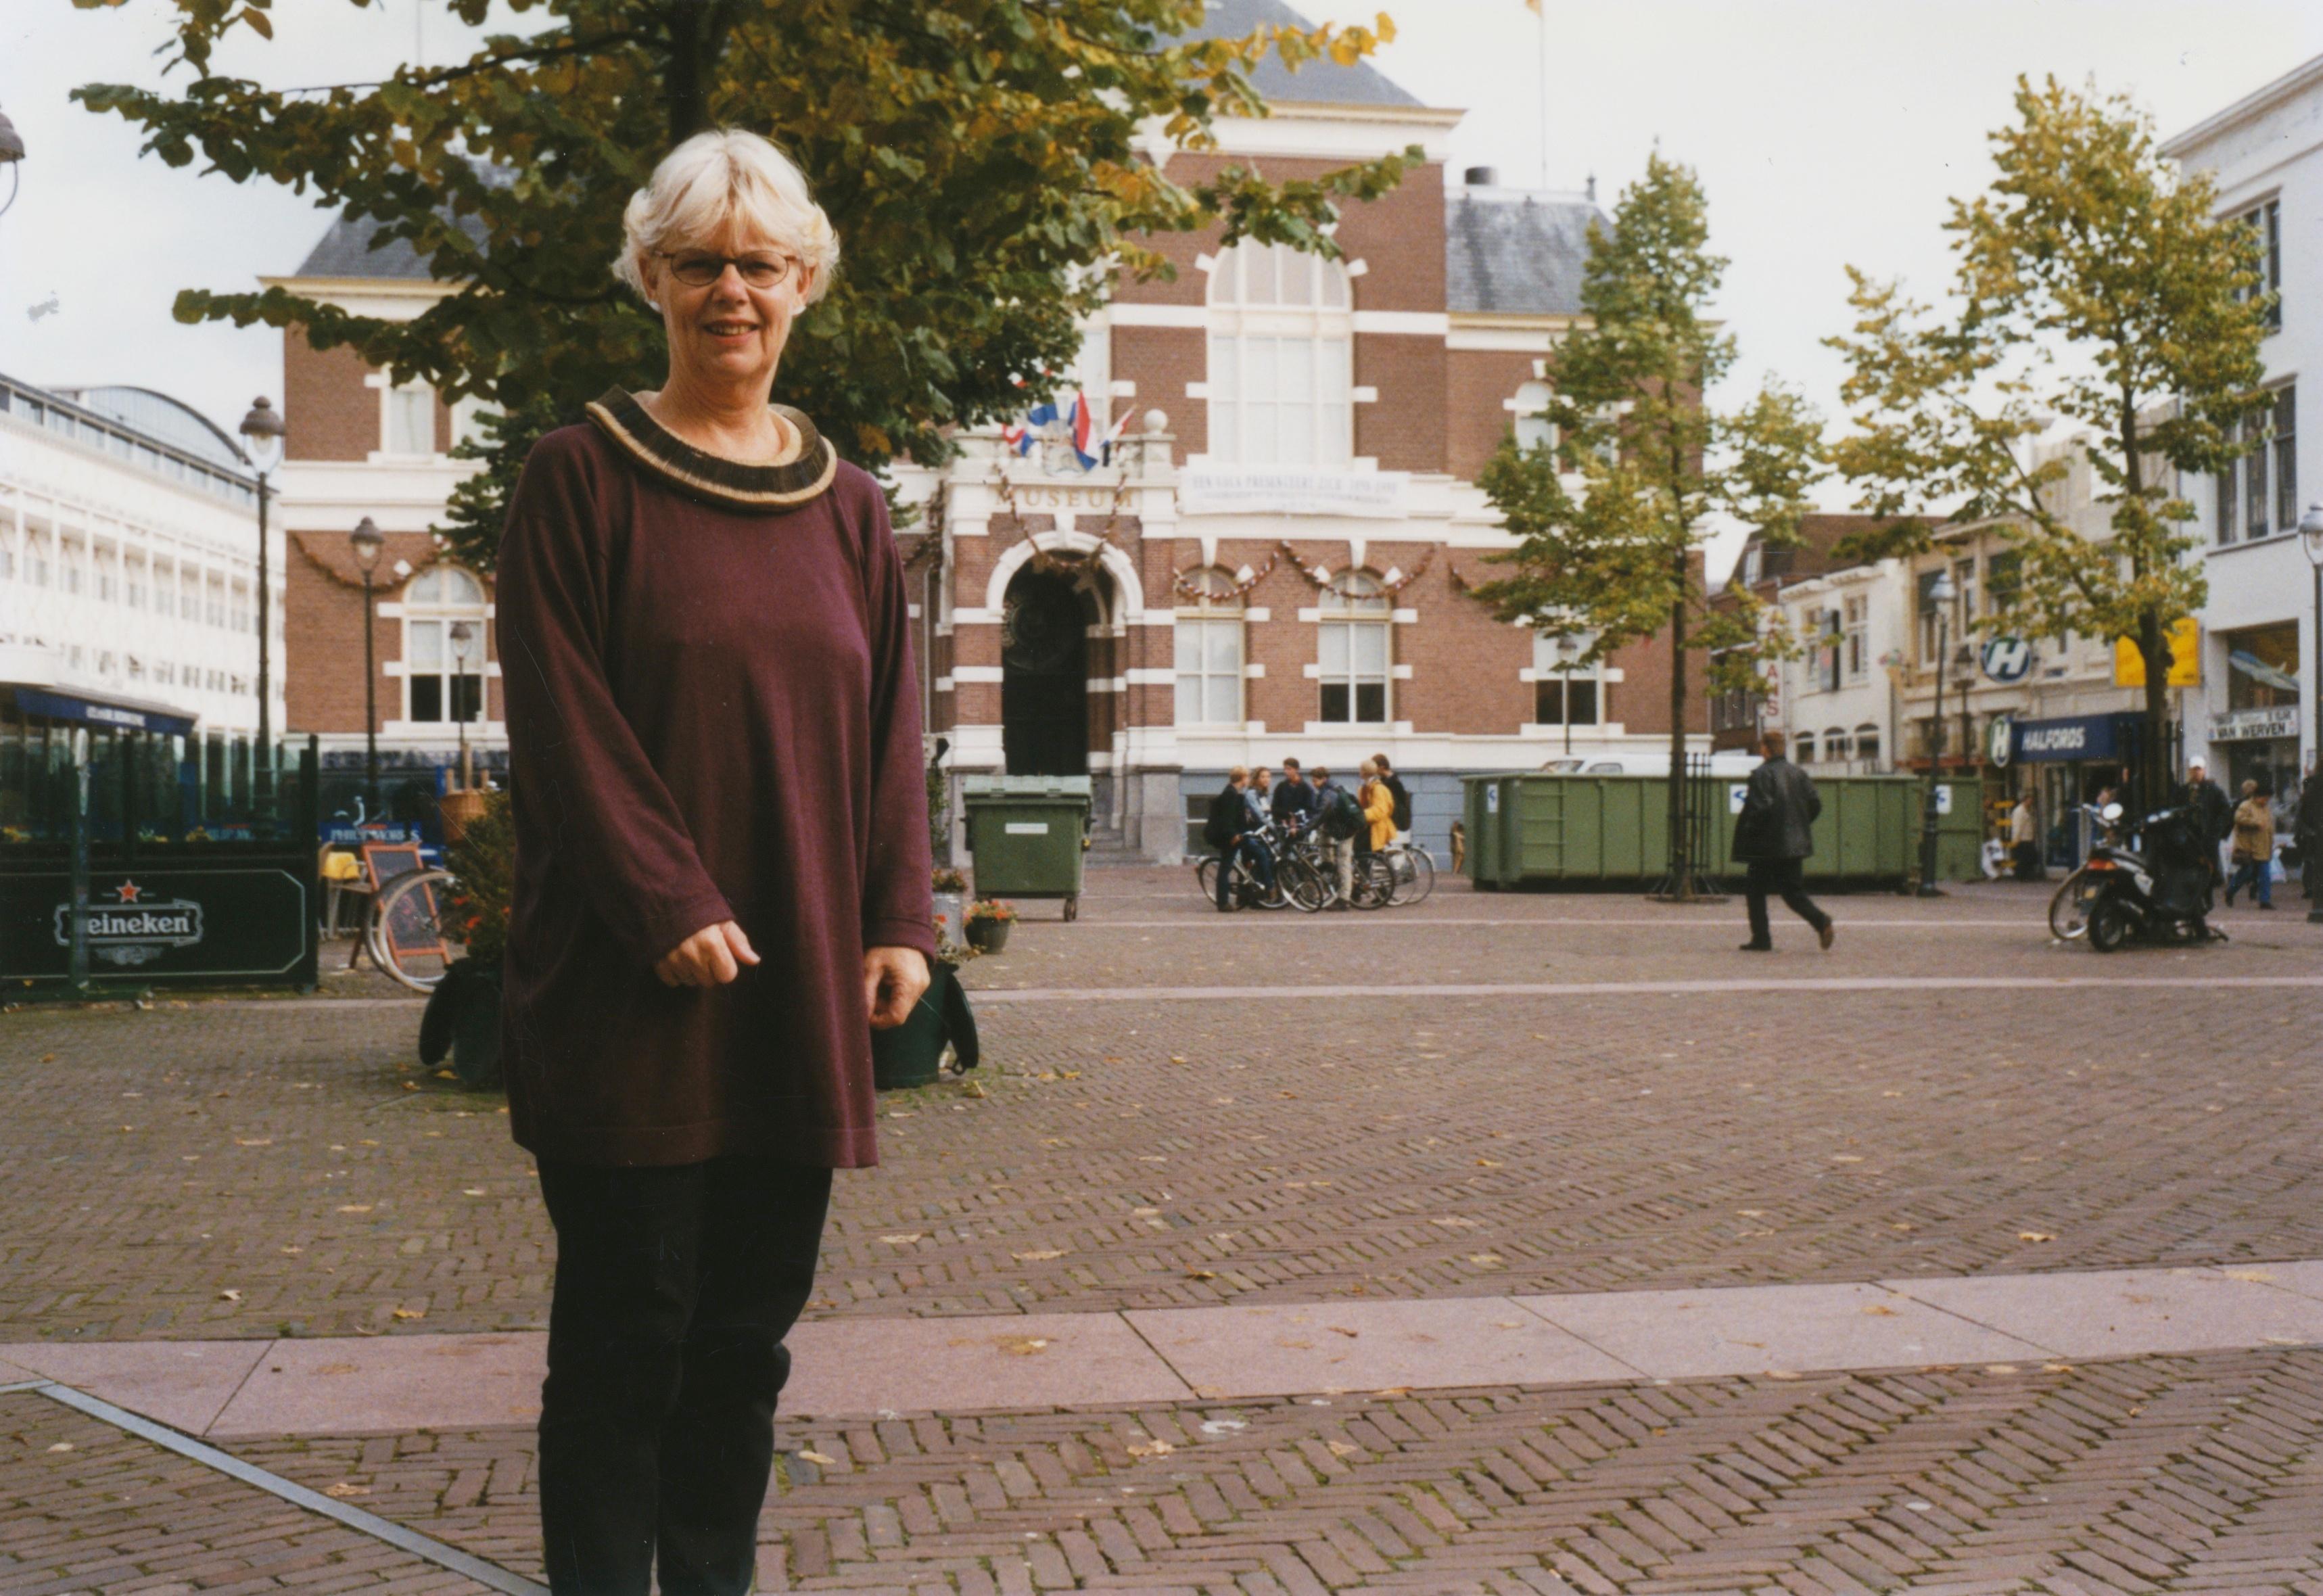 Claartje Keur, Zelfportret met halssieraad van Nel Linssen, Apeldoorn, Raadhuisplein, 1998. Foto Claartje Keur